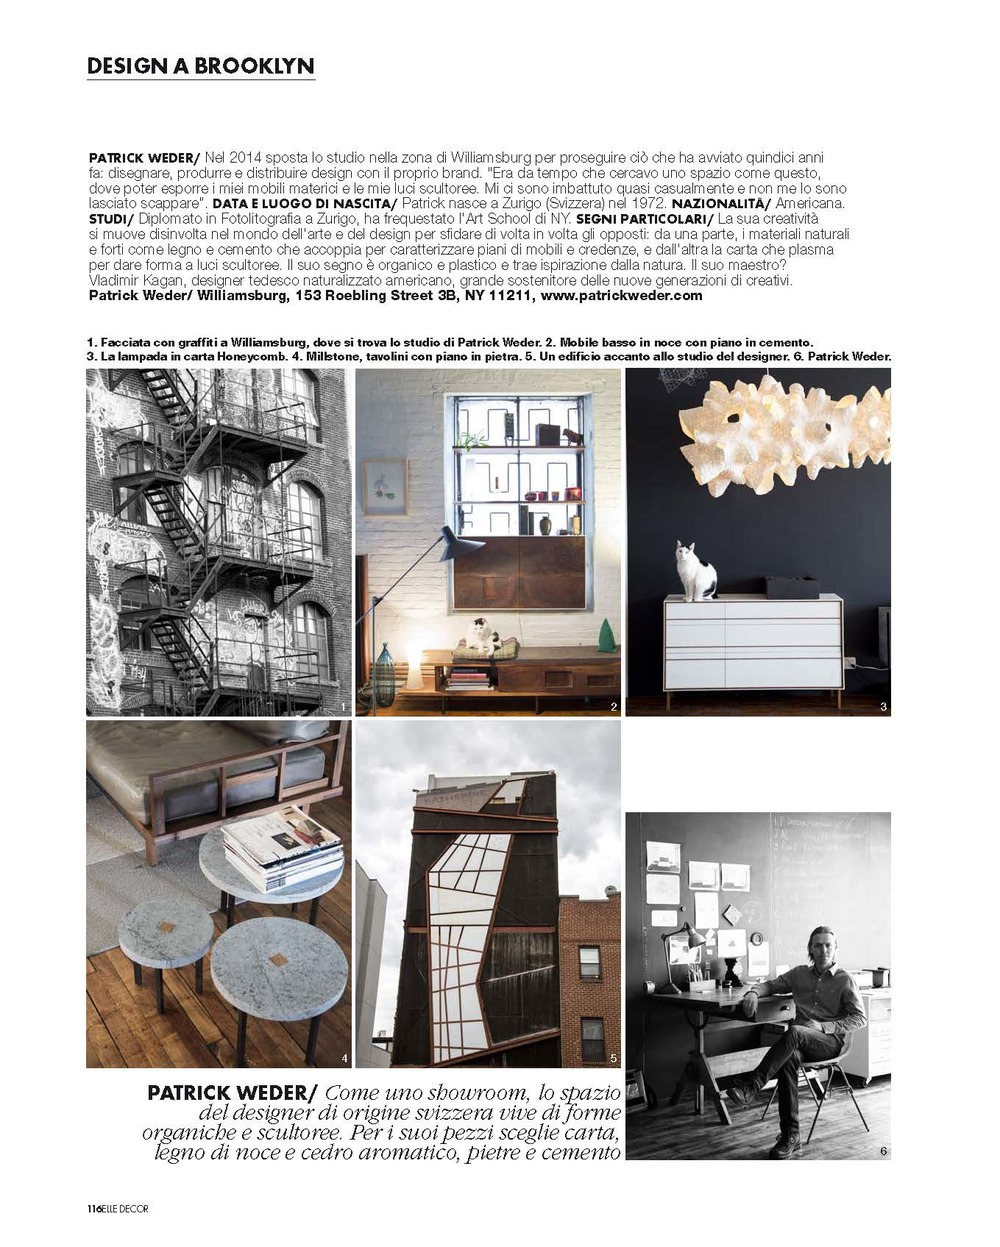 ELD 5 DESIGN AMERICANO [Sola lettura]_Page_5.jpg